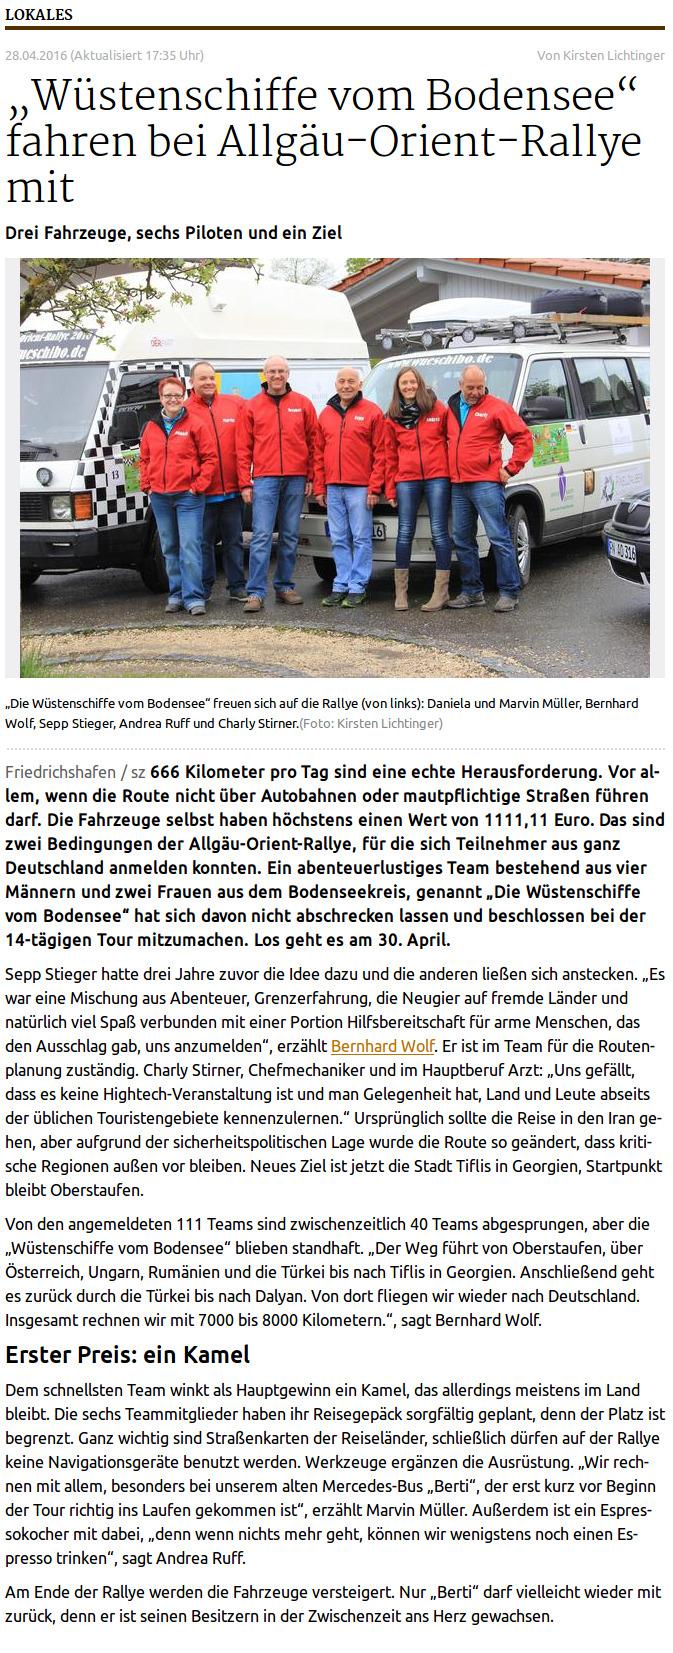 screenshot-www schwaebische de 2016-04-28 20-57-40